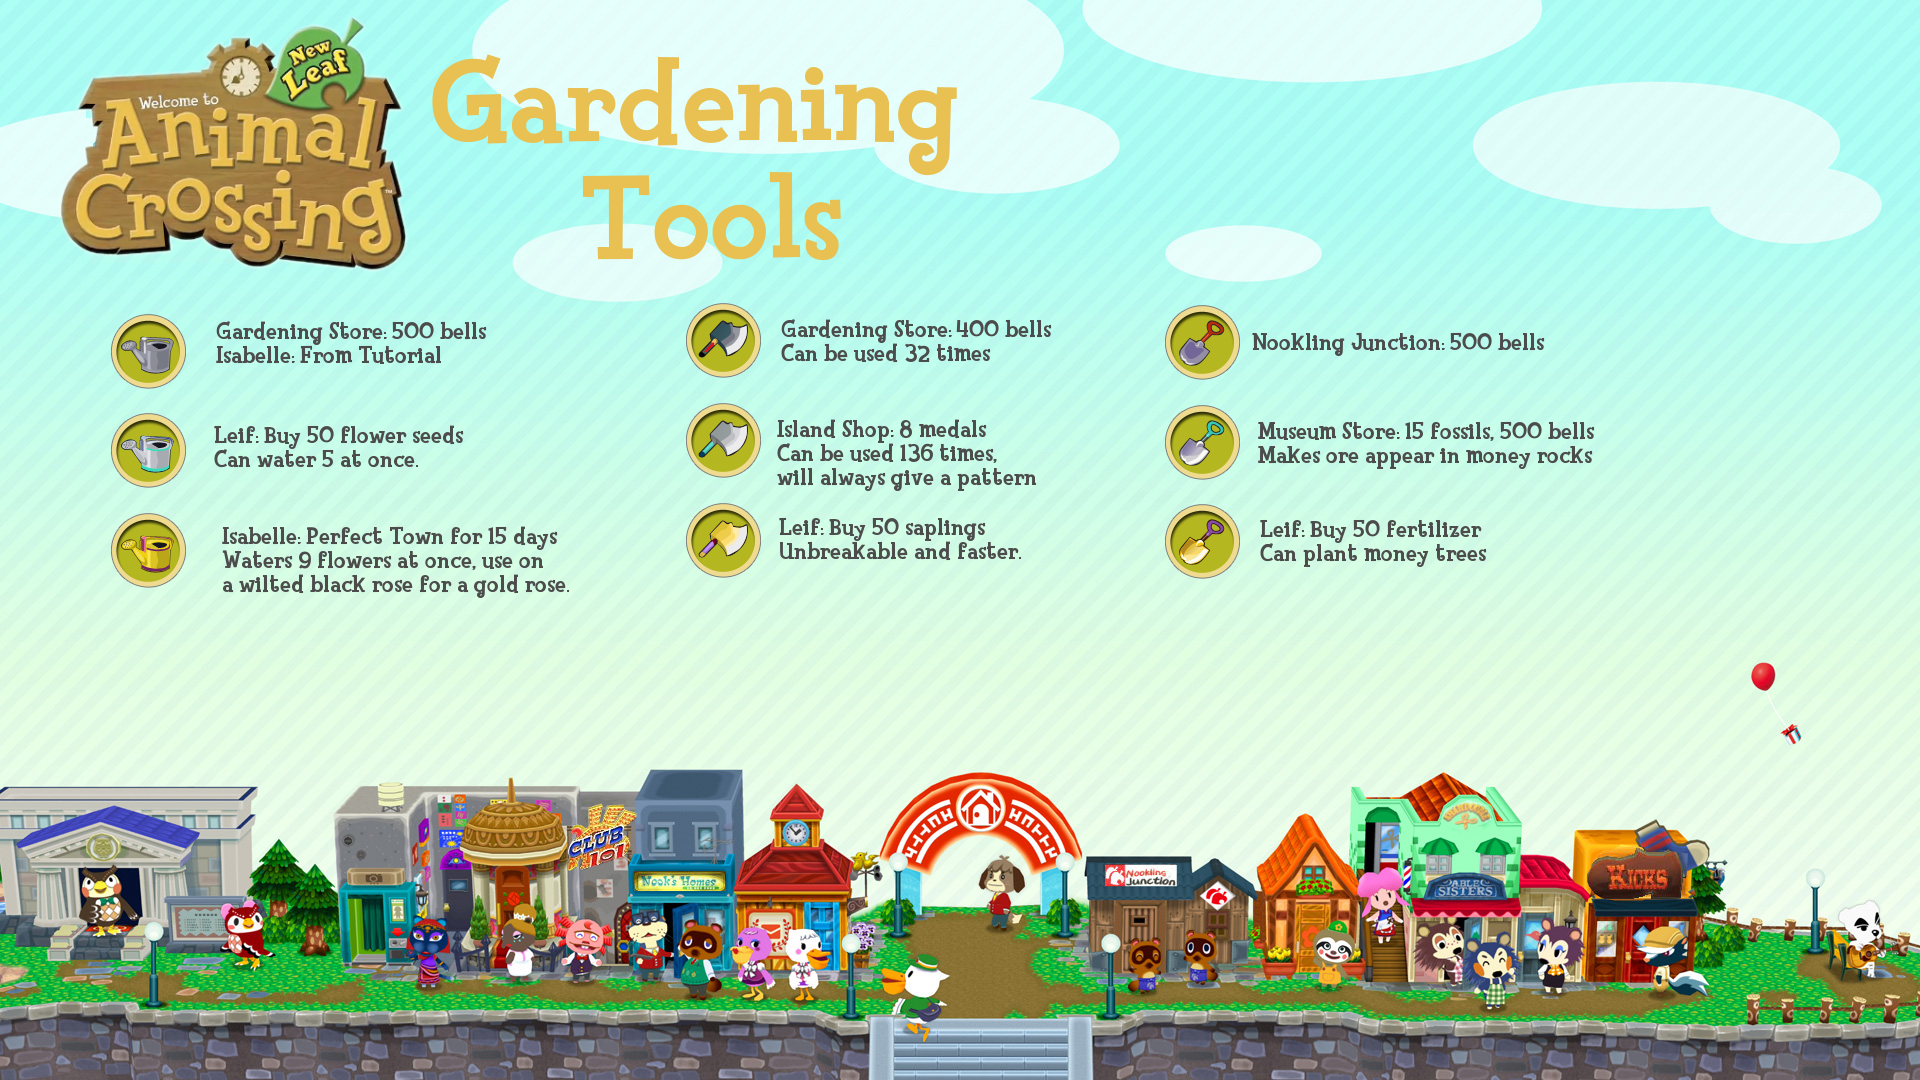 f0e39d85b51a96c9c02c12276971b575 - How To Get Golden Tools In Animal Crossing New Leaf